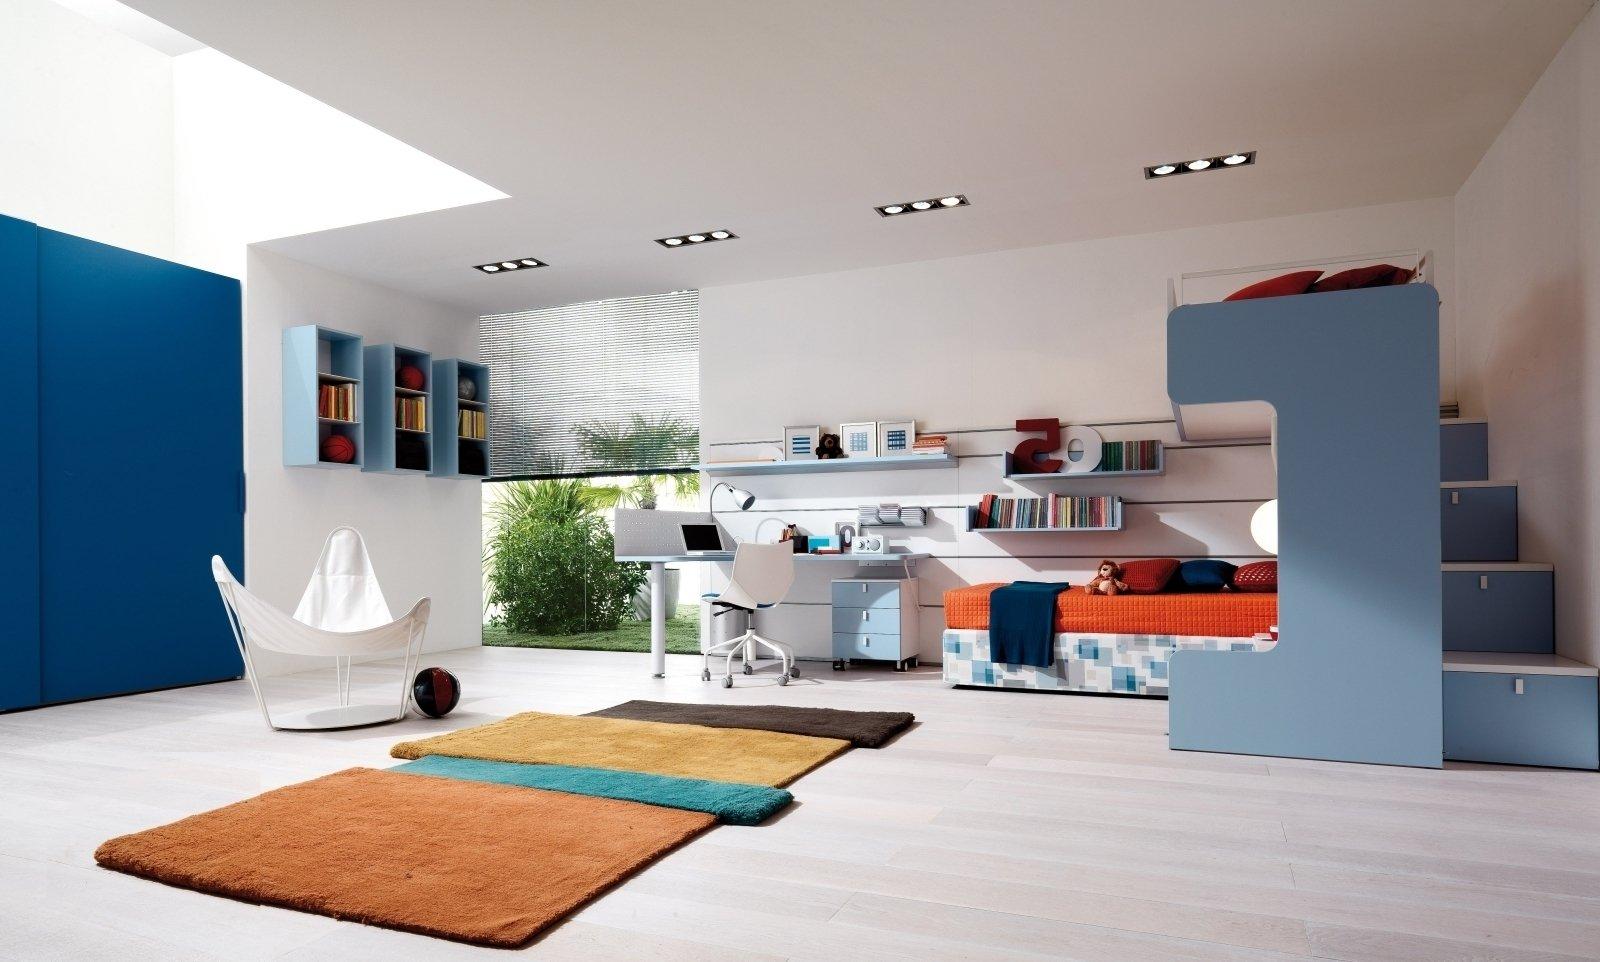 praktische tipps f r gestaltung von jugend und kinderzimmer kinderzimmer zenideen. Black Bedroom Furniture Sets. Home Design Ideas